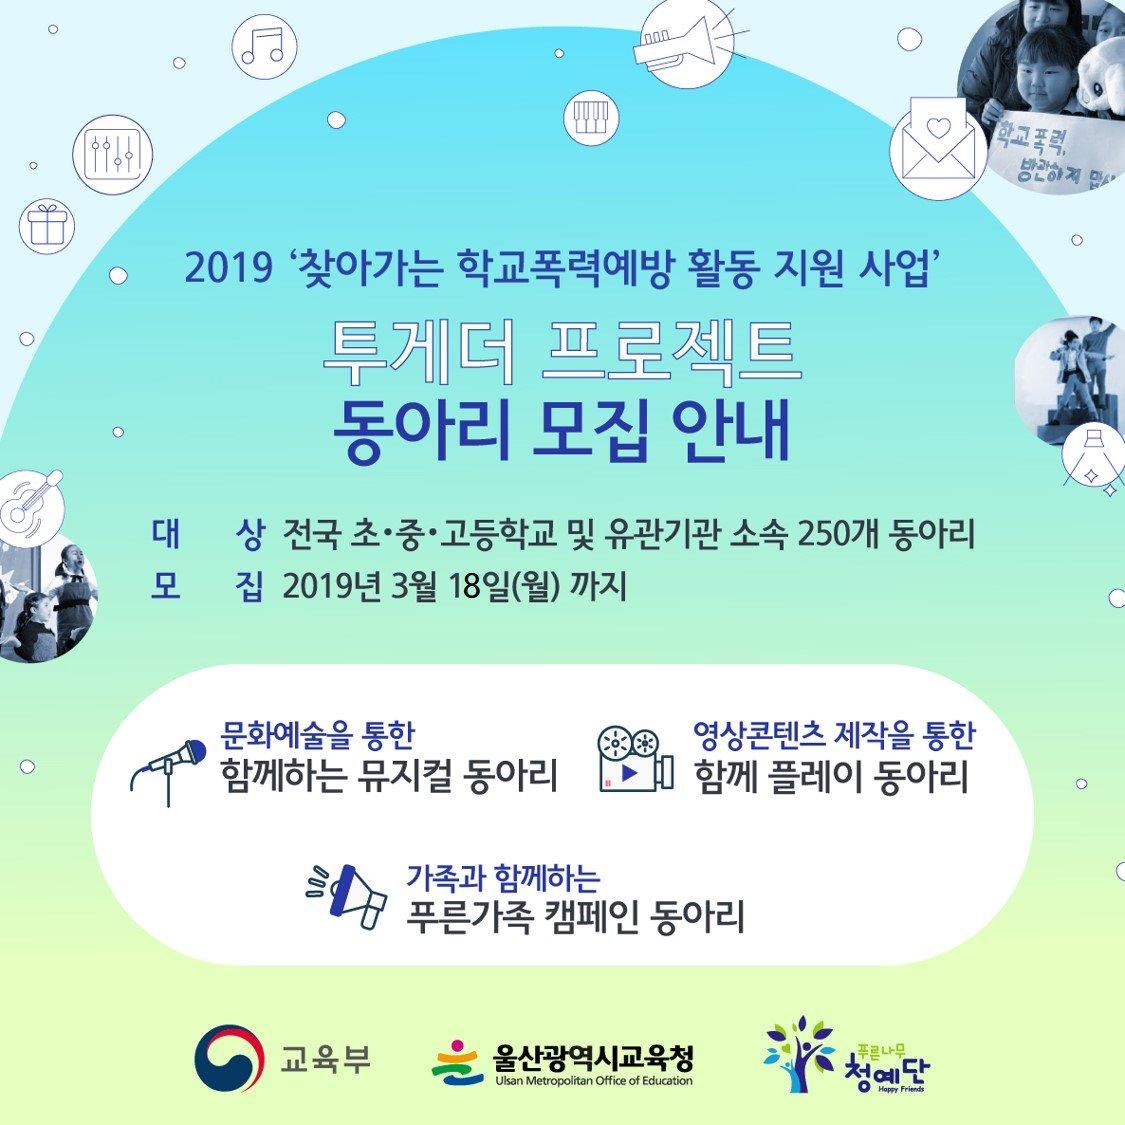 2019 찾아가는 학교폭력예방 활동 지원 사업 참여 동아리 모집(대)1.jpg